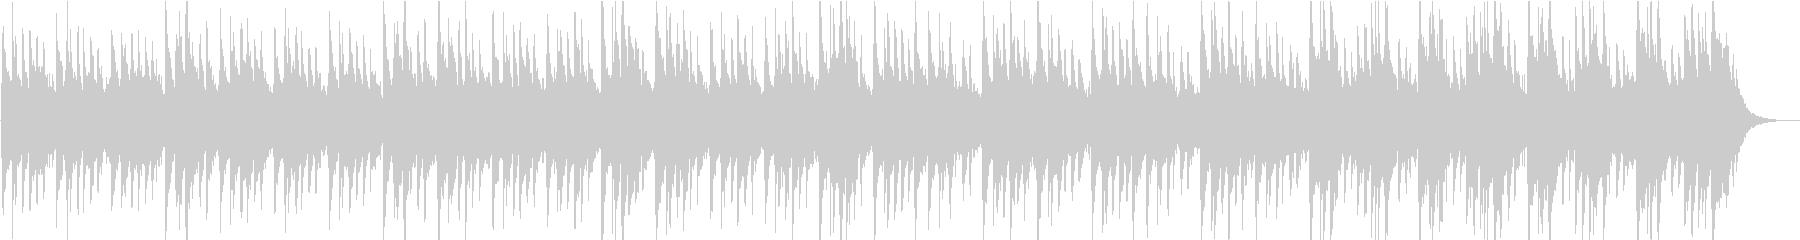 琴とクワイアの不穏な和風の曲の未再生の波形